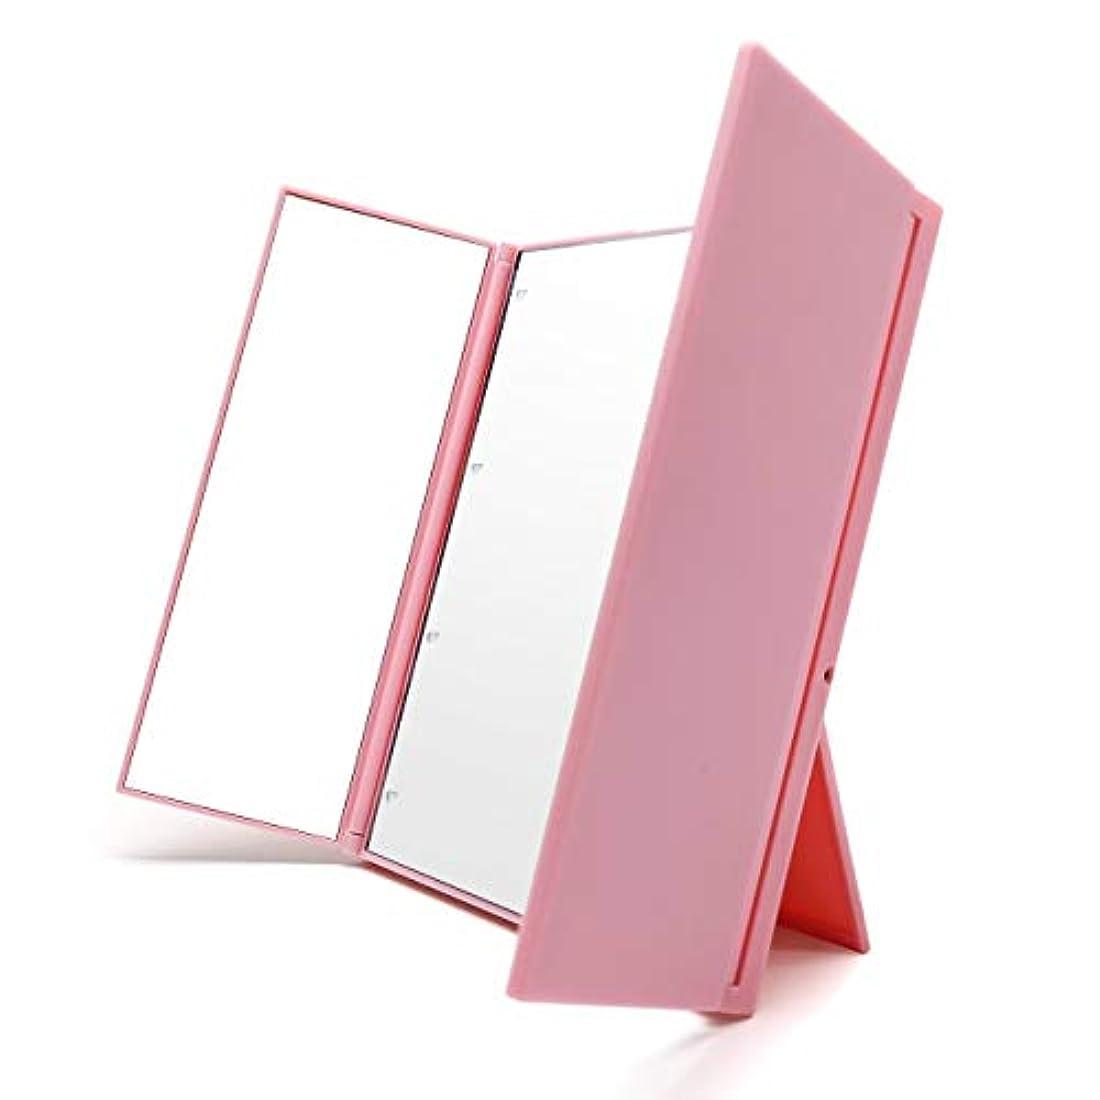 通信する不当どうしたのVidgoo 鏡 卓上 スタンドミラー LED 化粧鏡 三面鏡 女優ミラー 折り畳み式 電池型 携帯便利(ピンク)